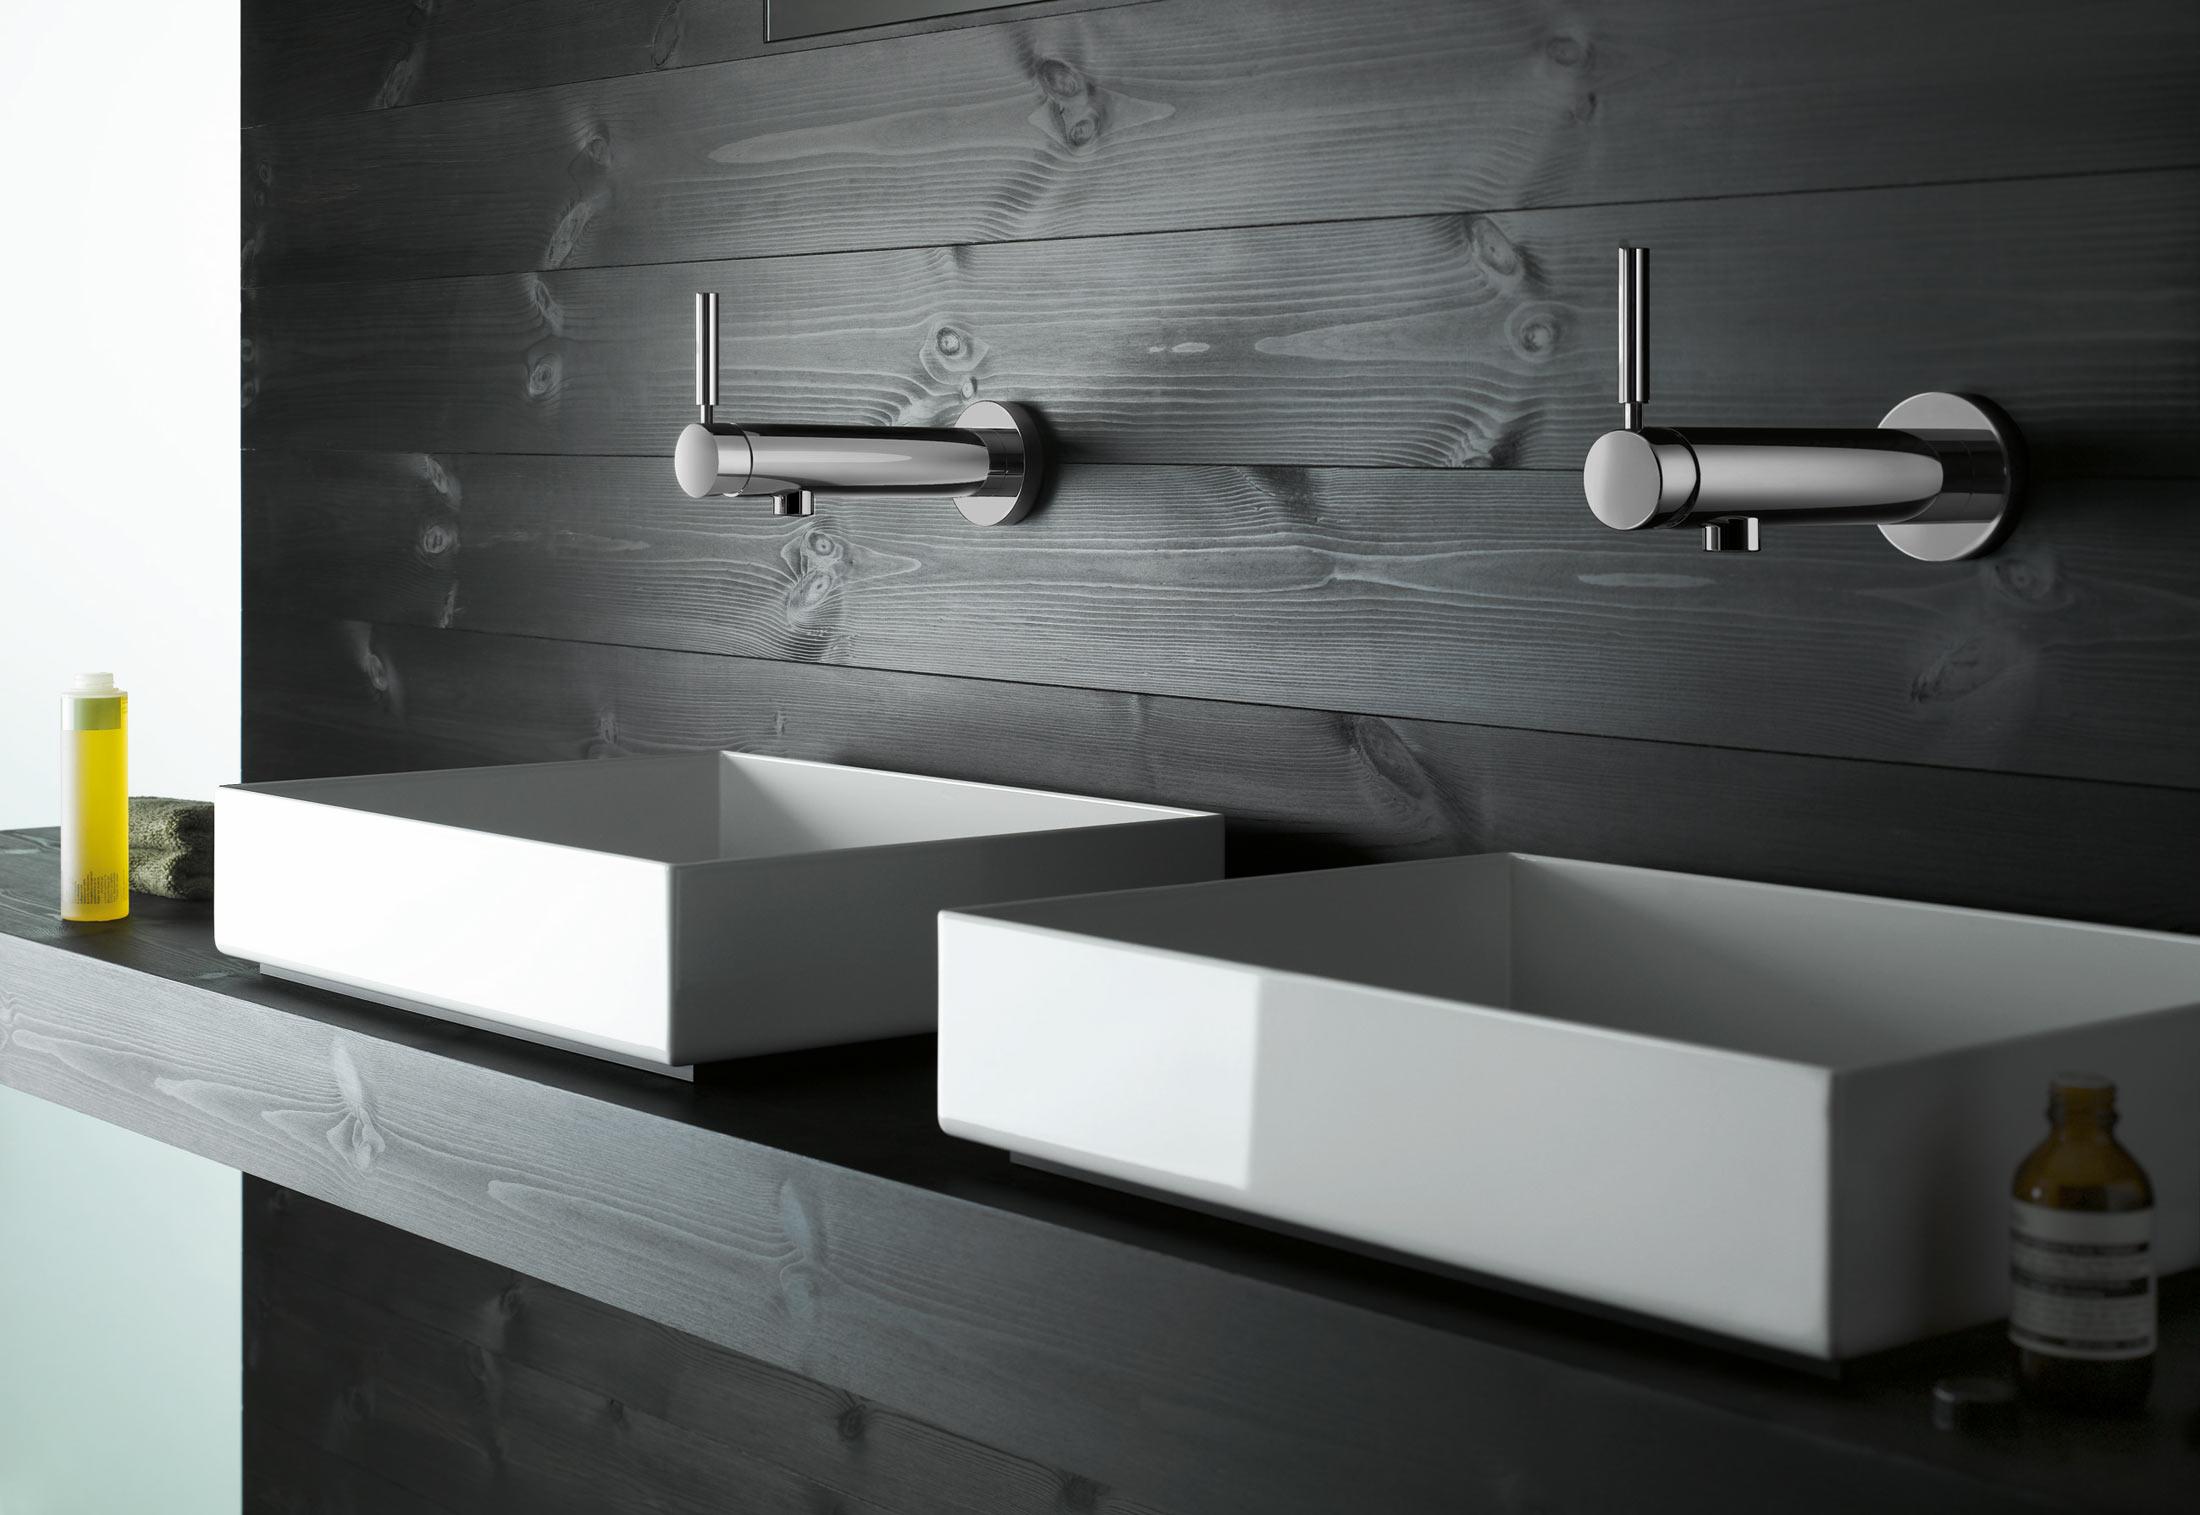 Armaturen waschbecken wand  TARA. LOGIC Waschtisch-Wand-Einhandbatterie mit ...